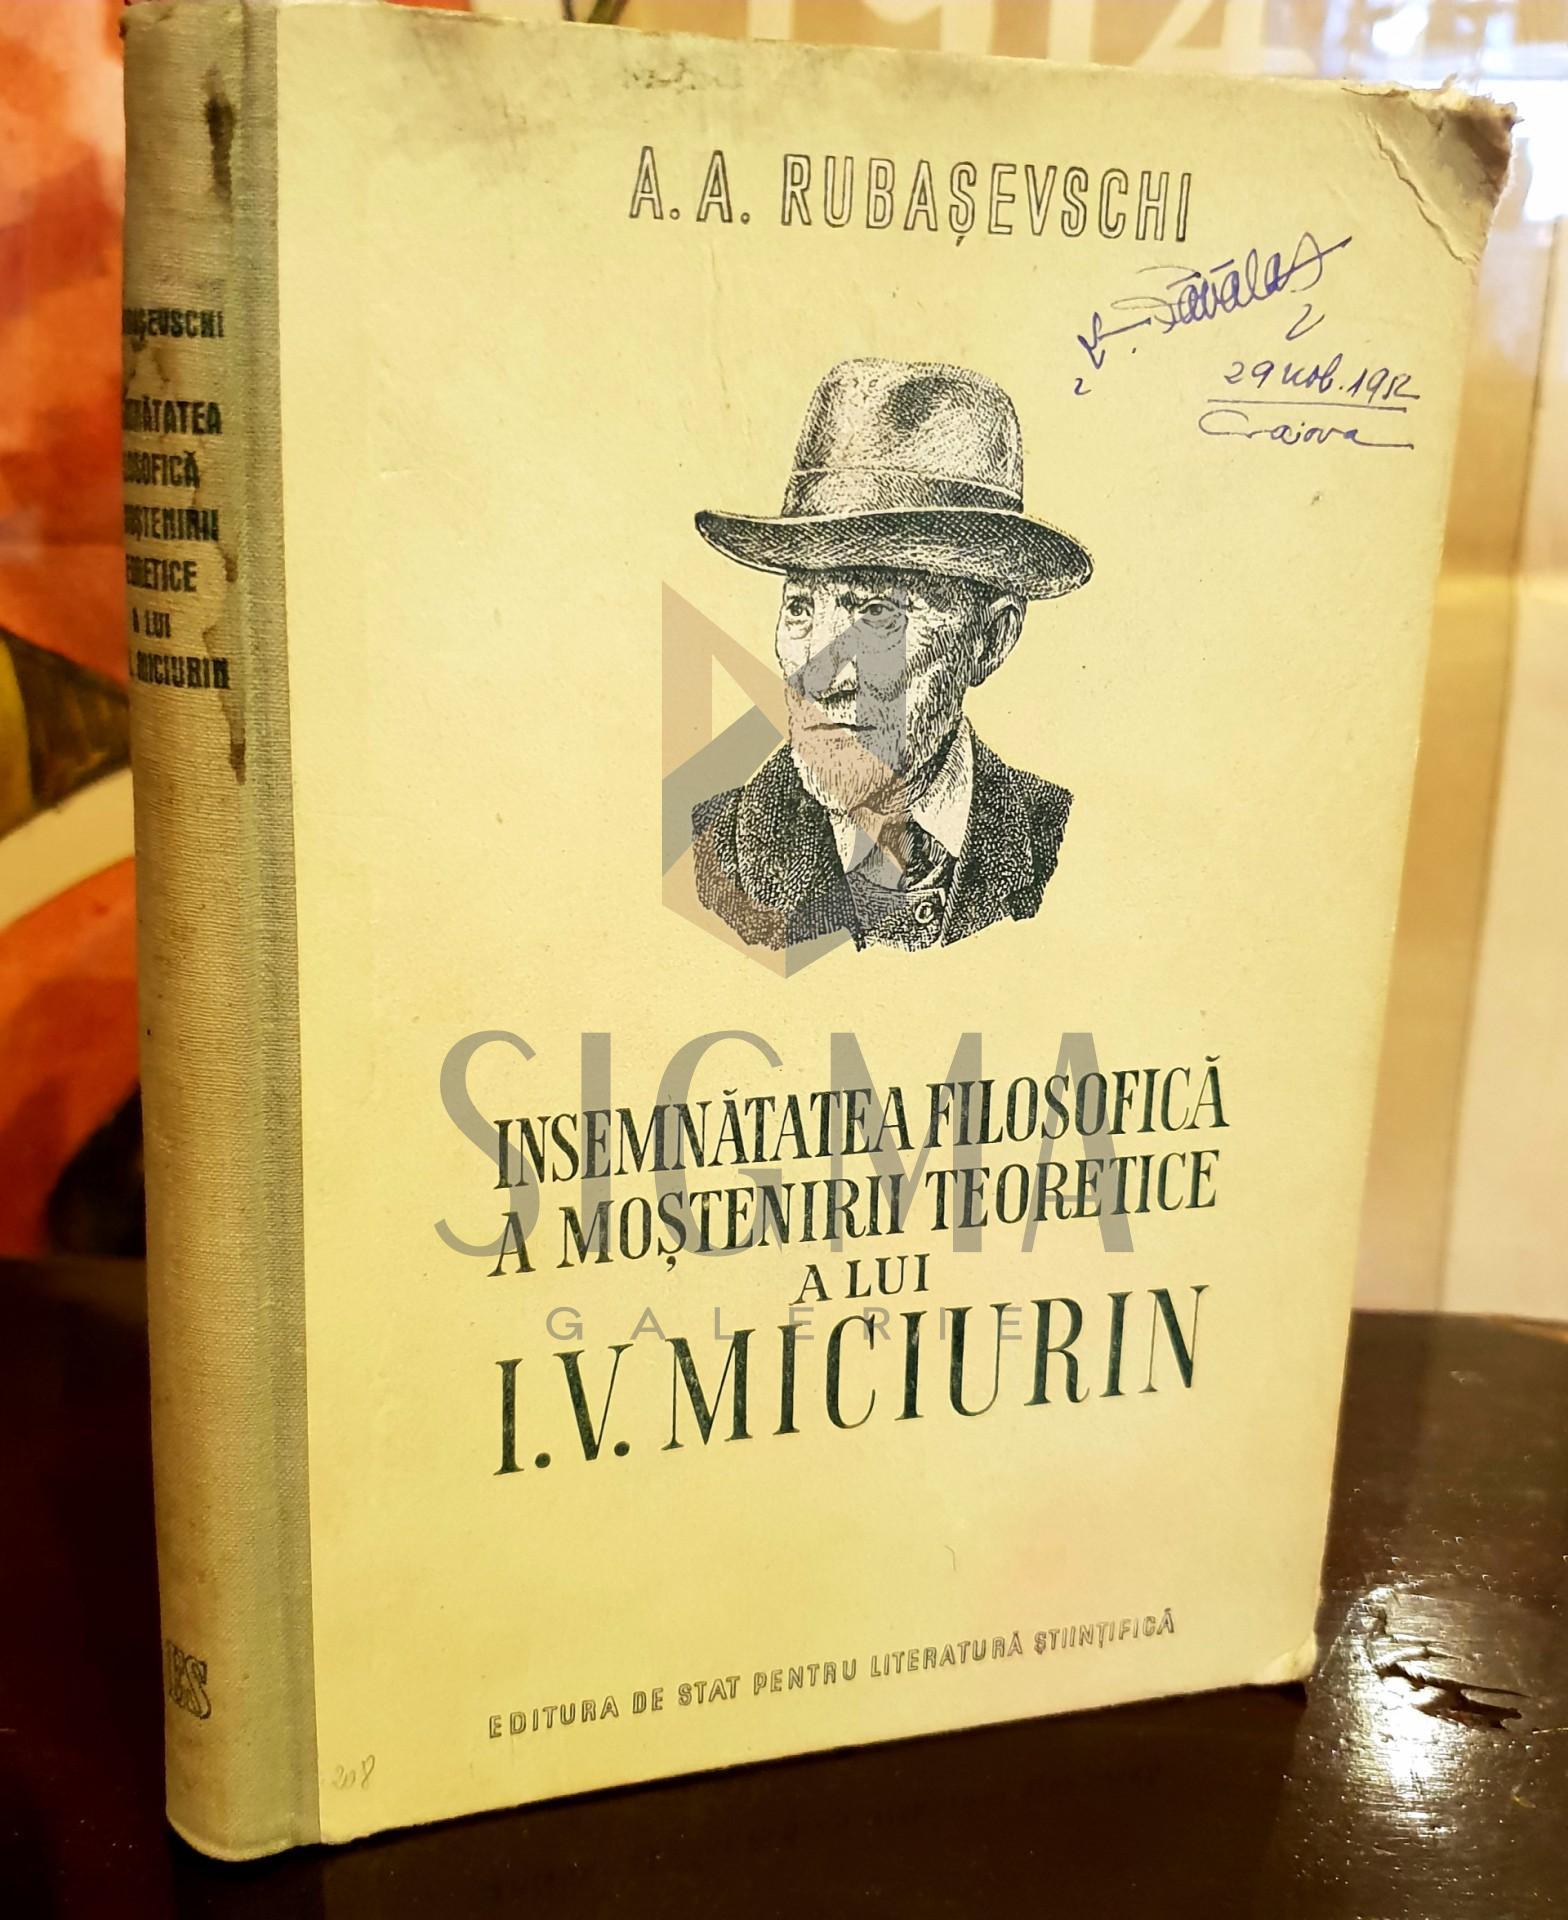 INSEMNATATEA FILOSOFICA A MOSTENIRII A LUI I. V. MICIURIN